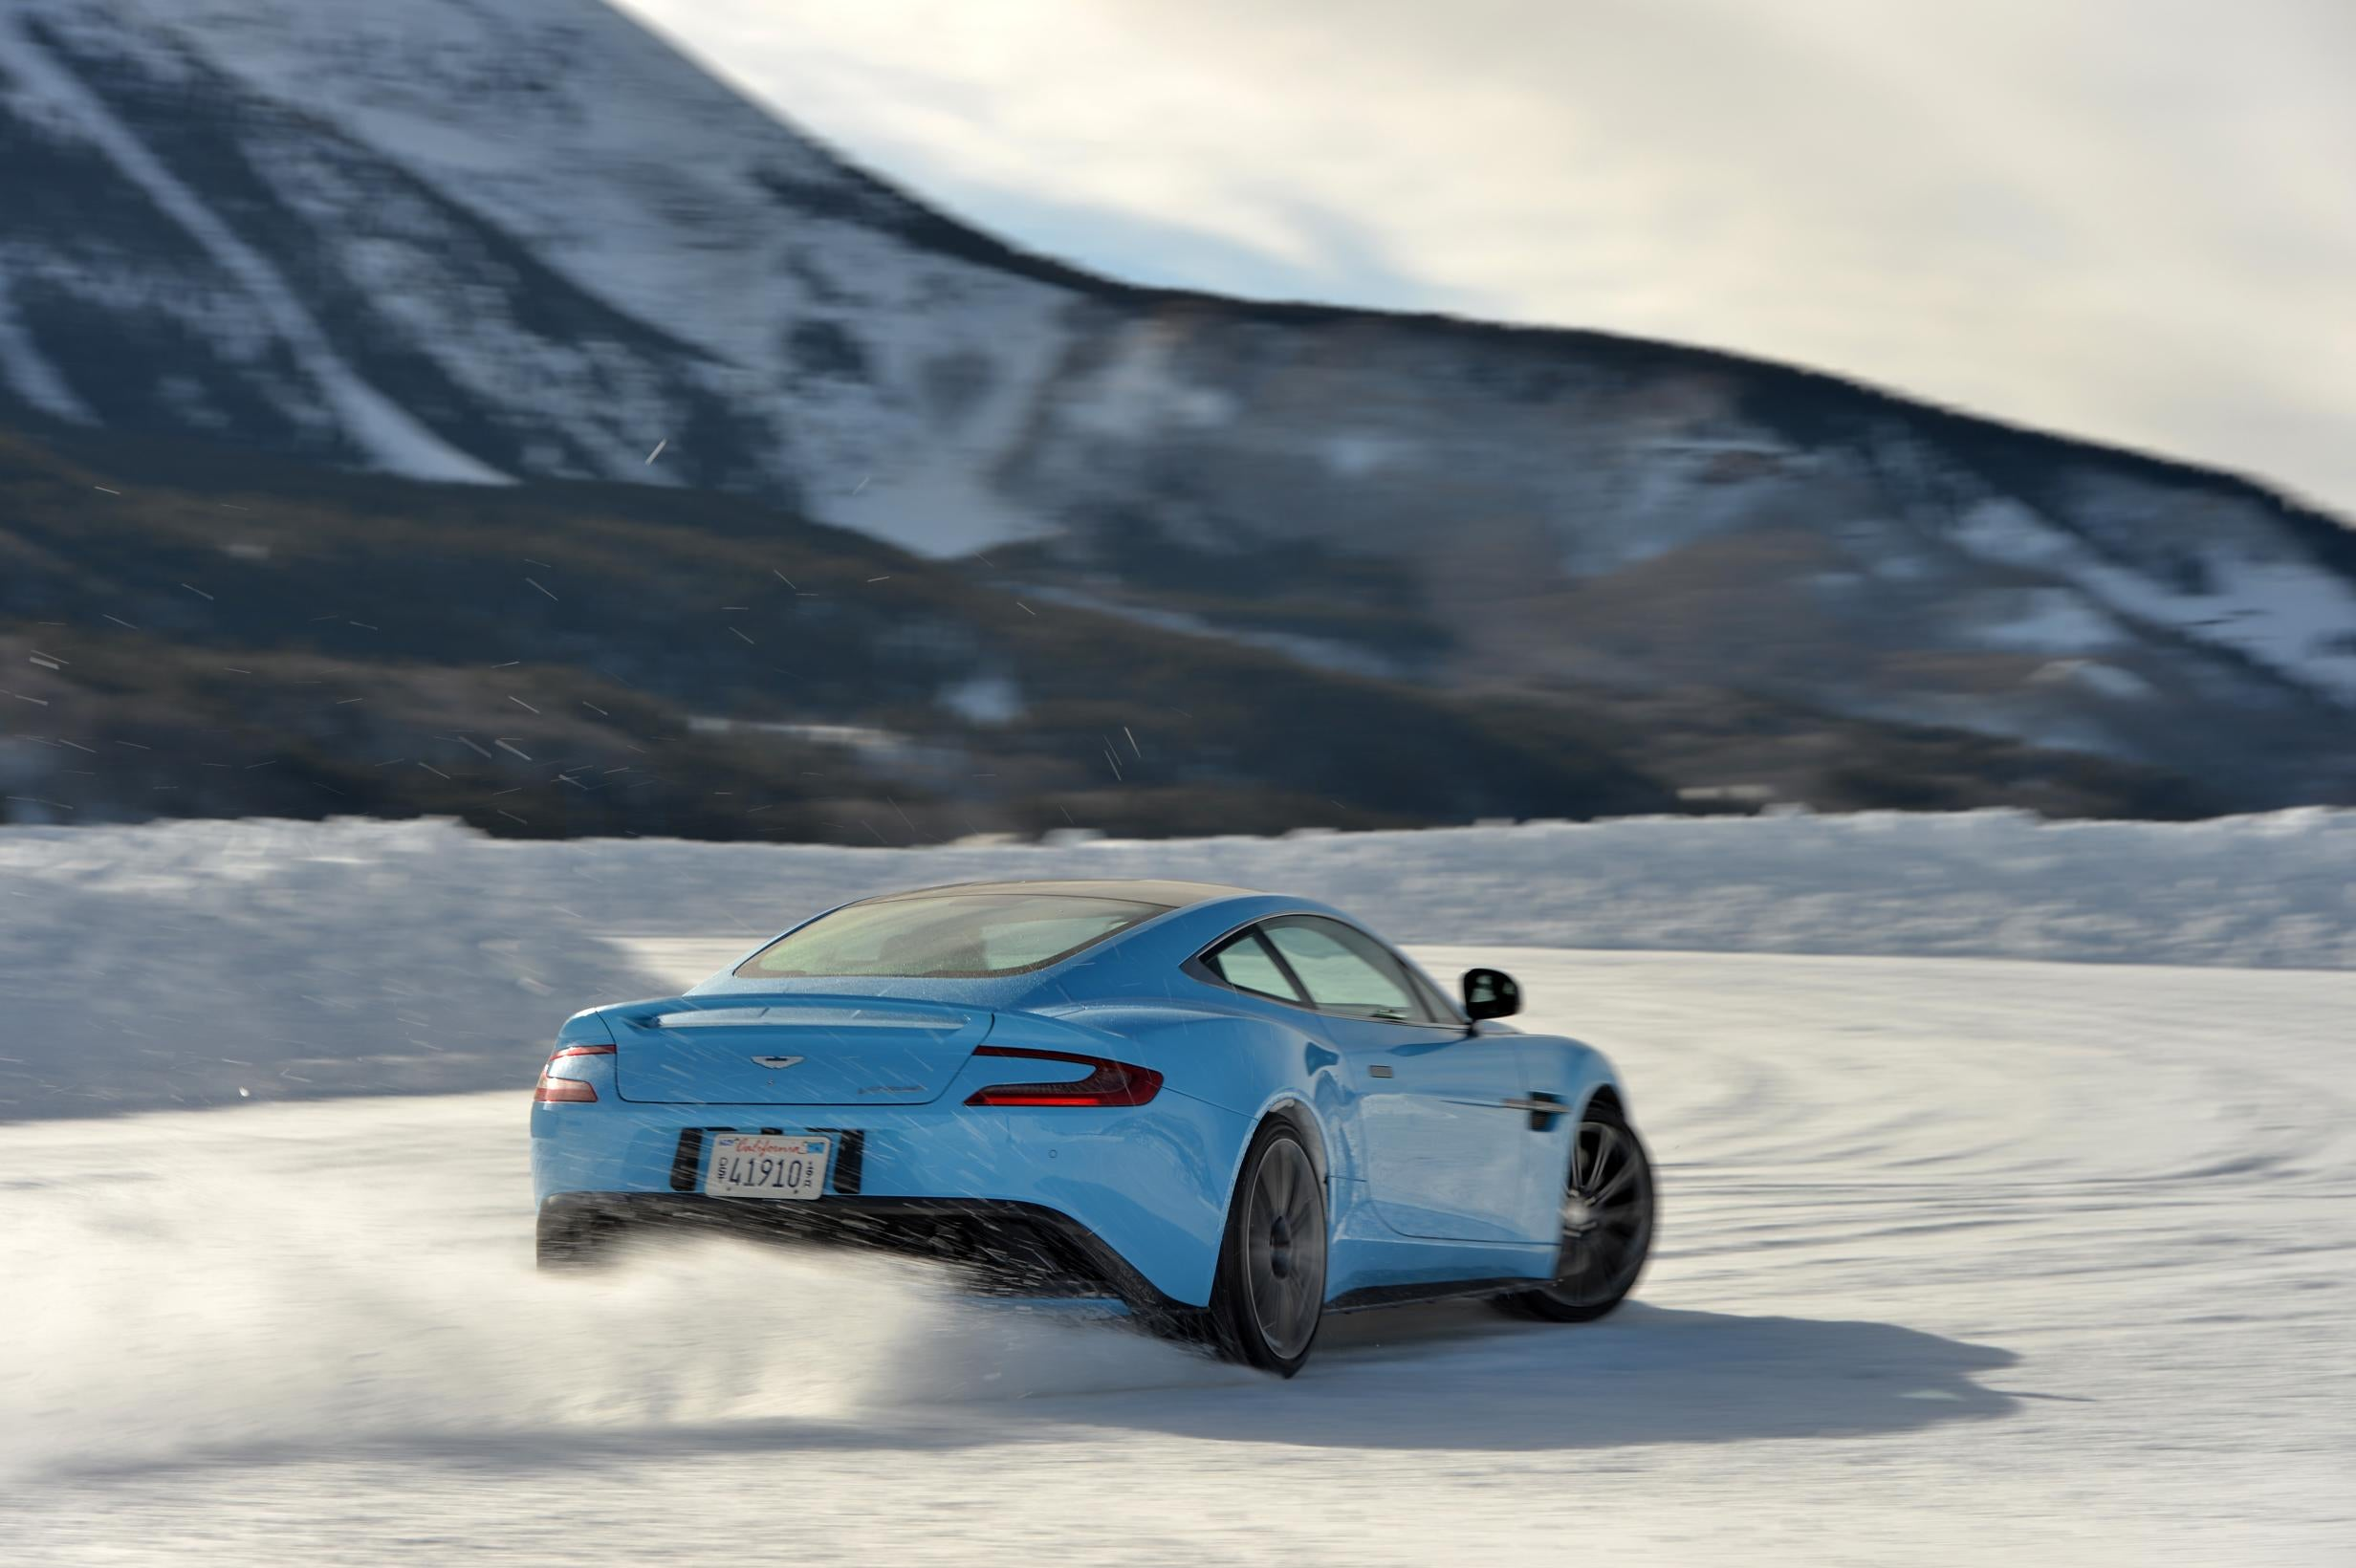 Aston martin escuela de hielo